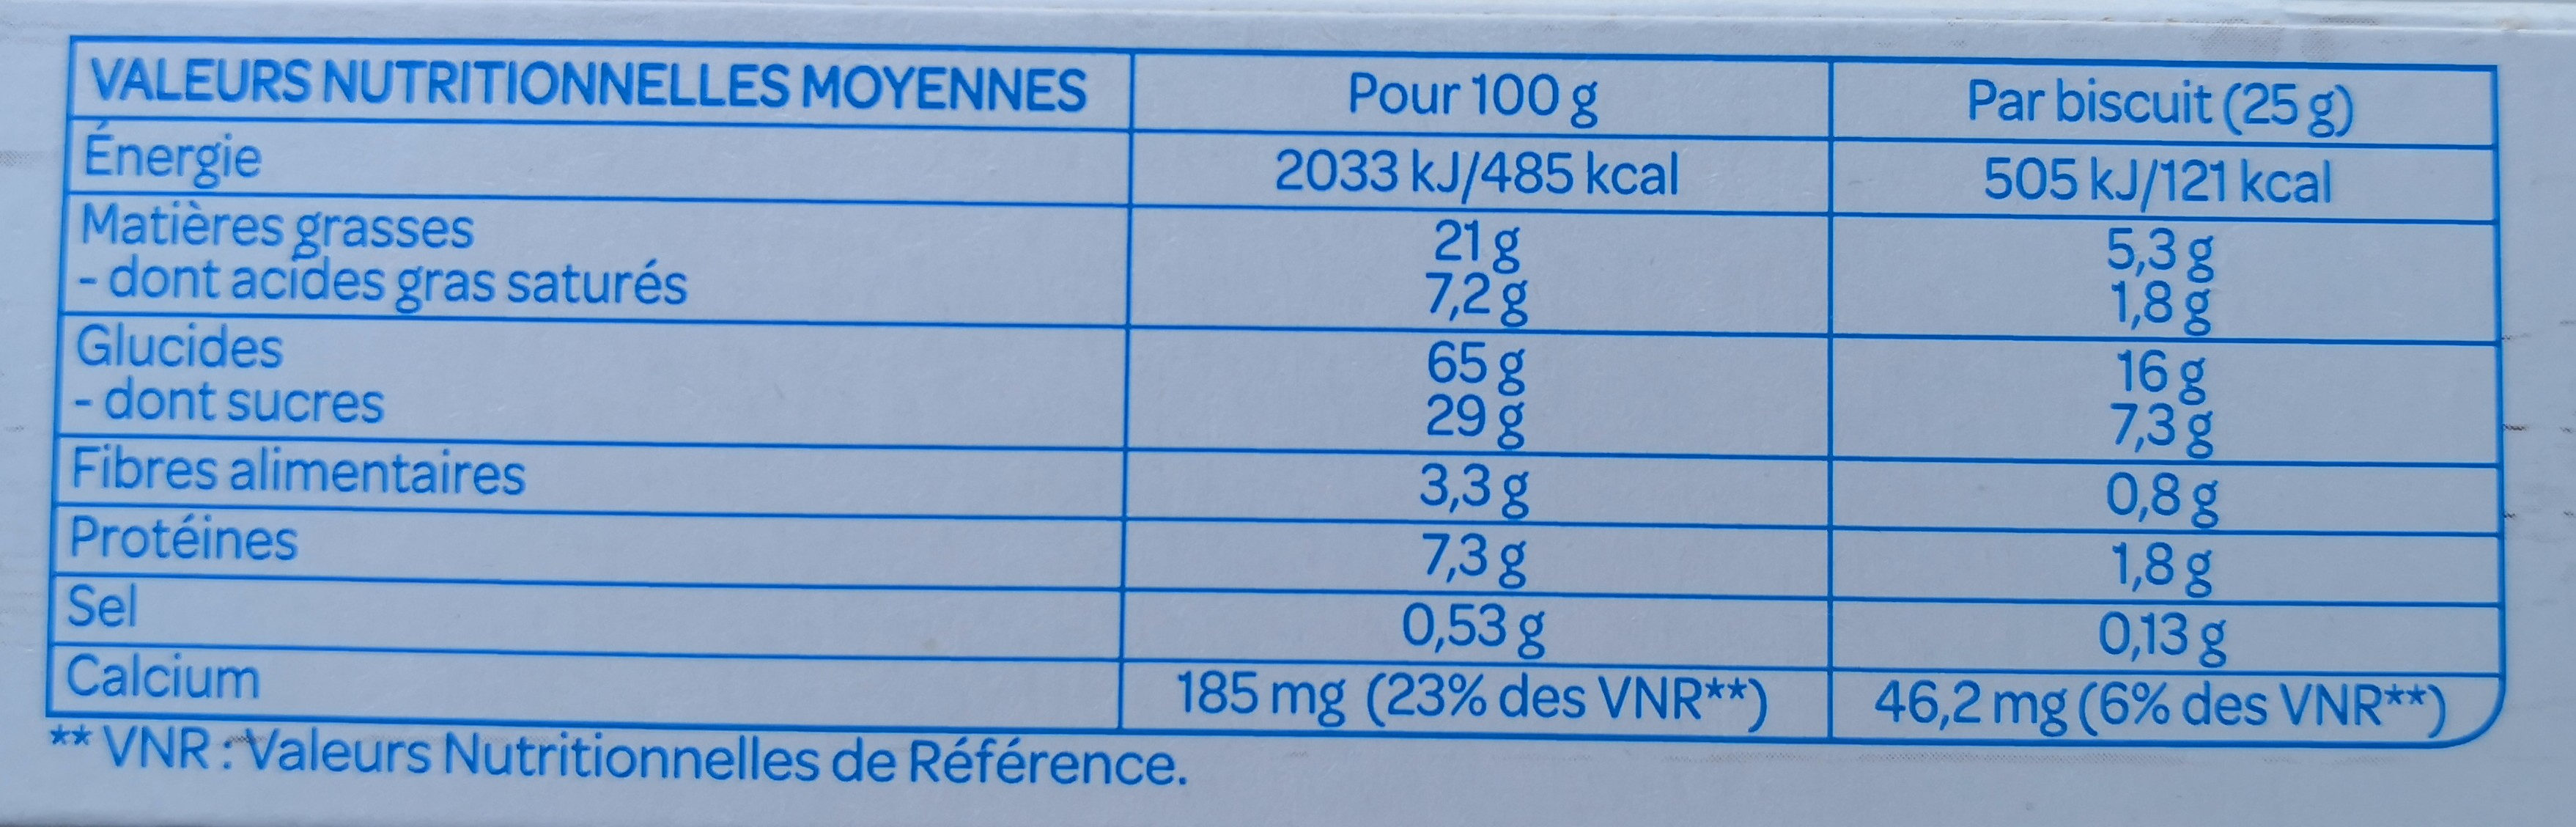 Fourrés Chocolat lait Bio - Informations nutritionnelles